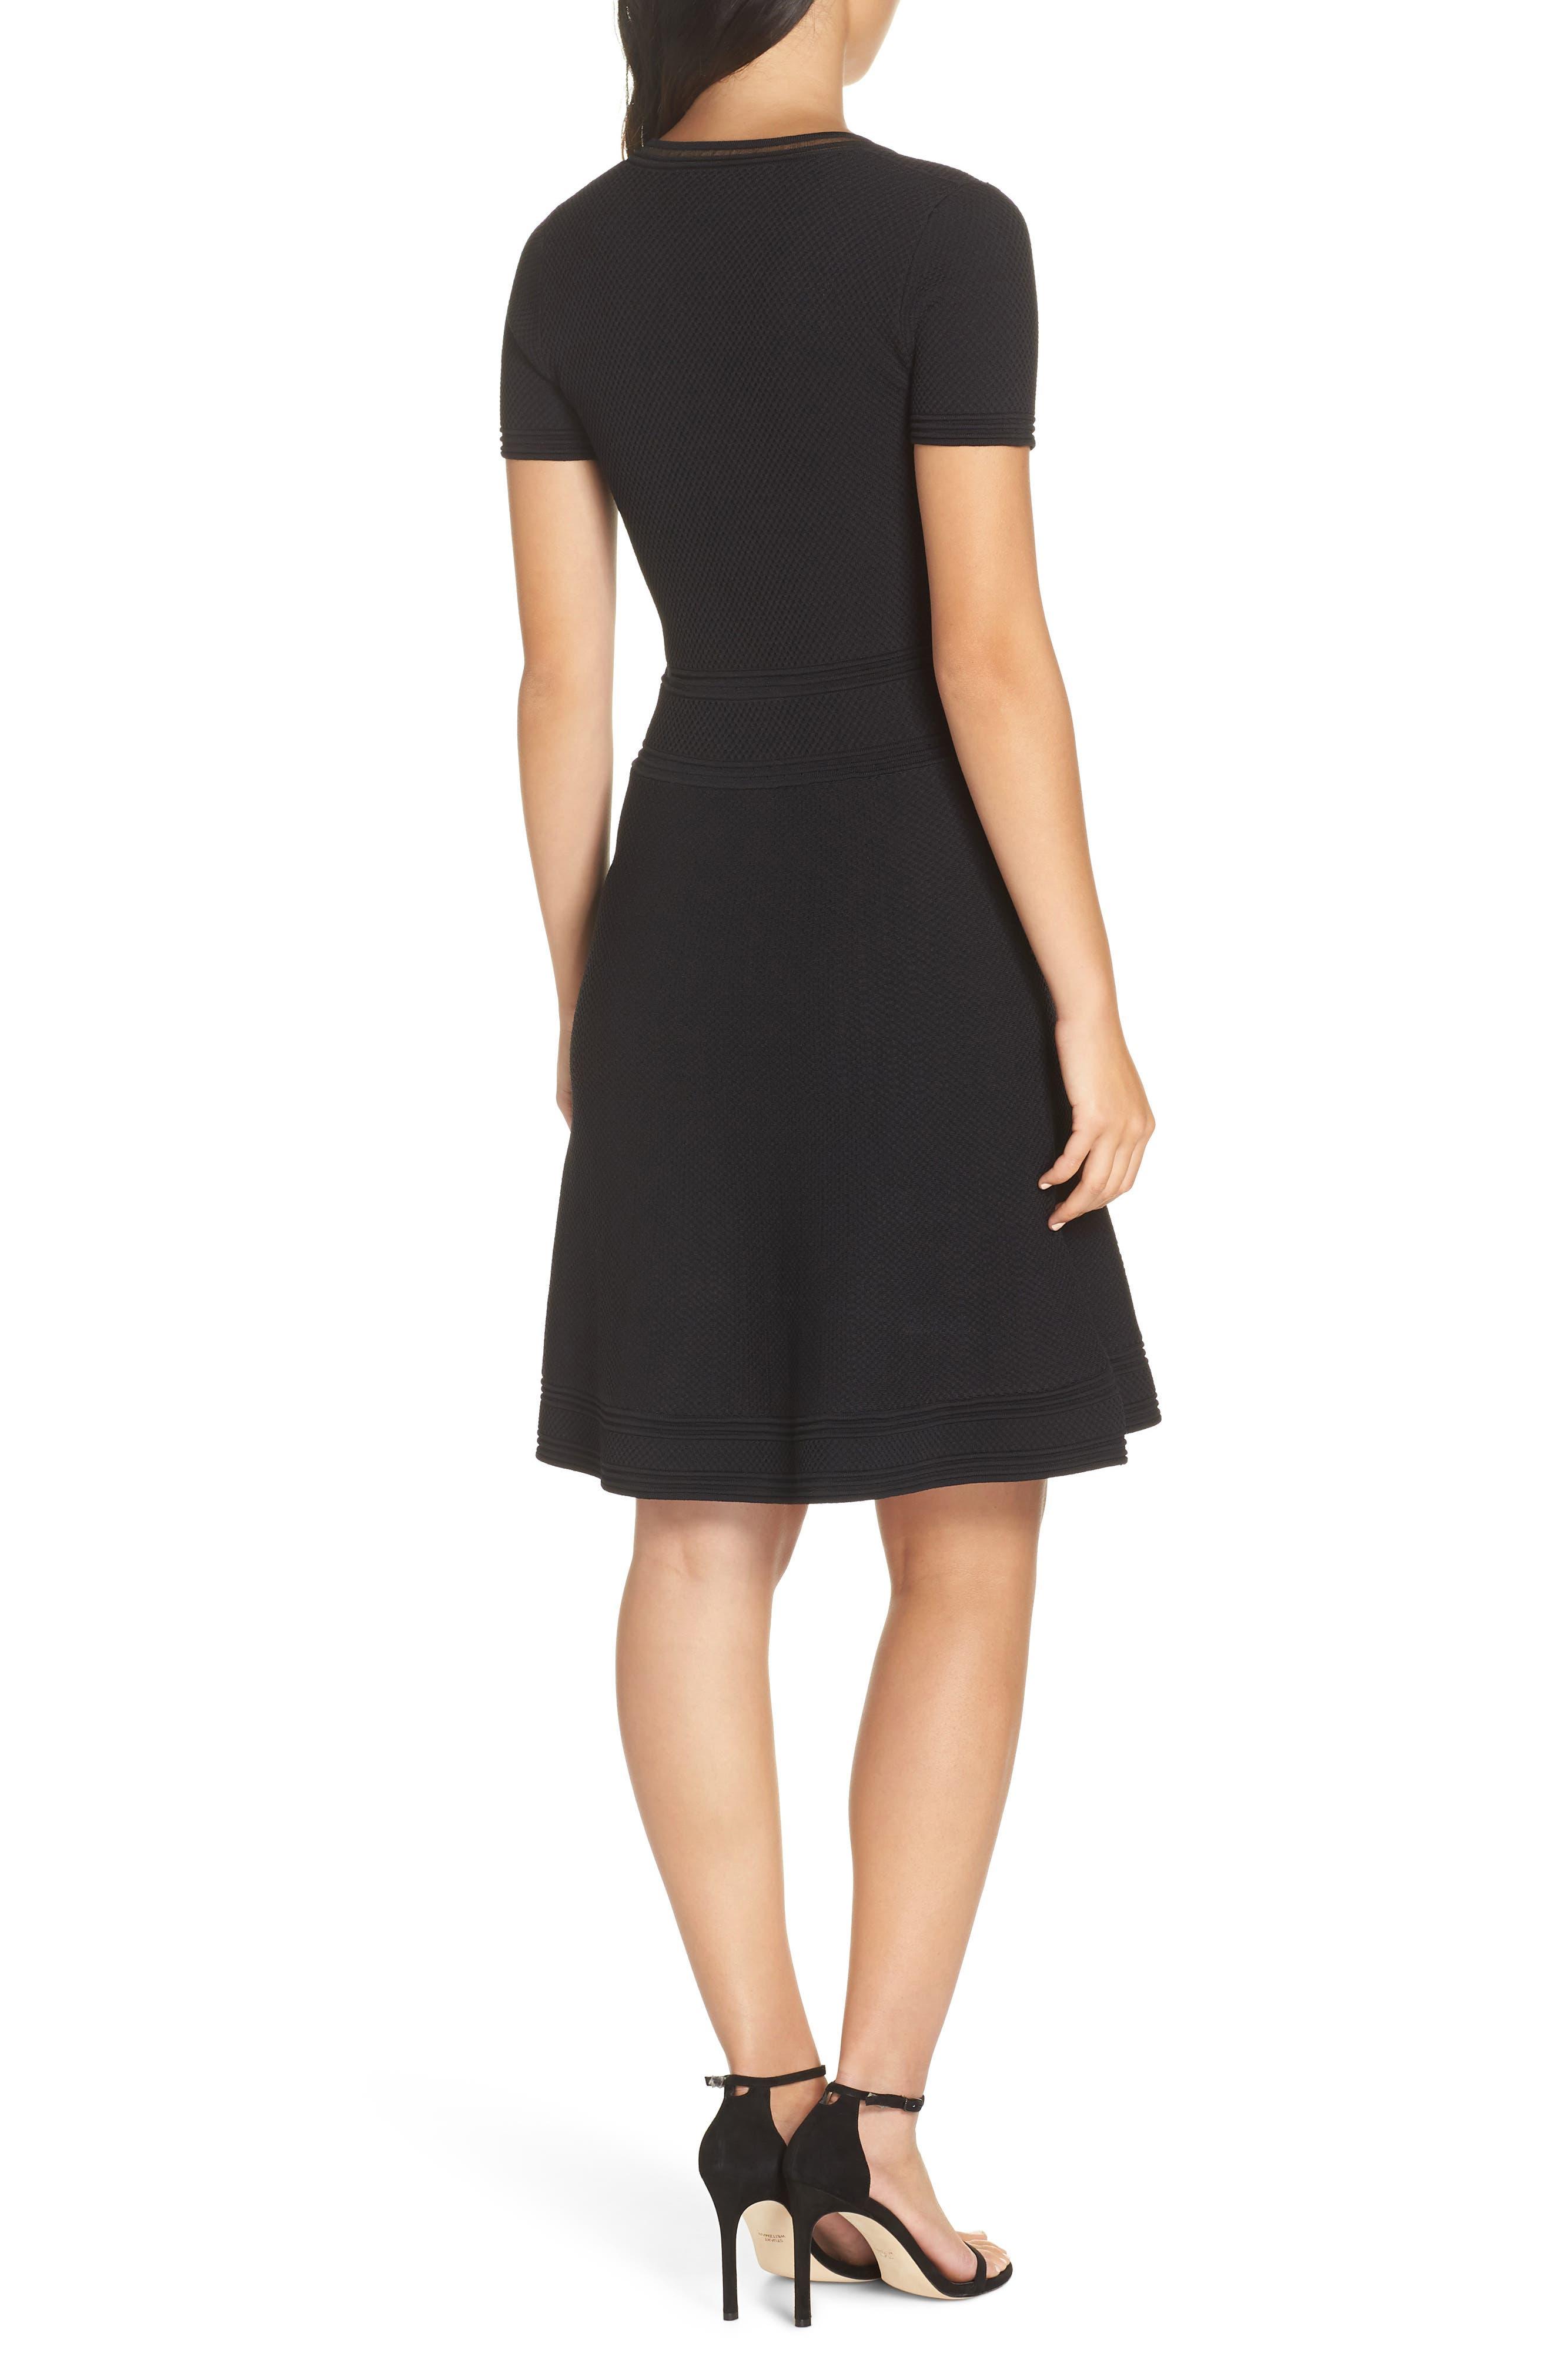 Ellie Knits V-Neck Fit & Flare Dress,                             Alternate thumbnail 2, color,                             BLACK